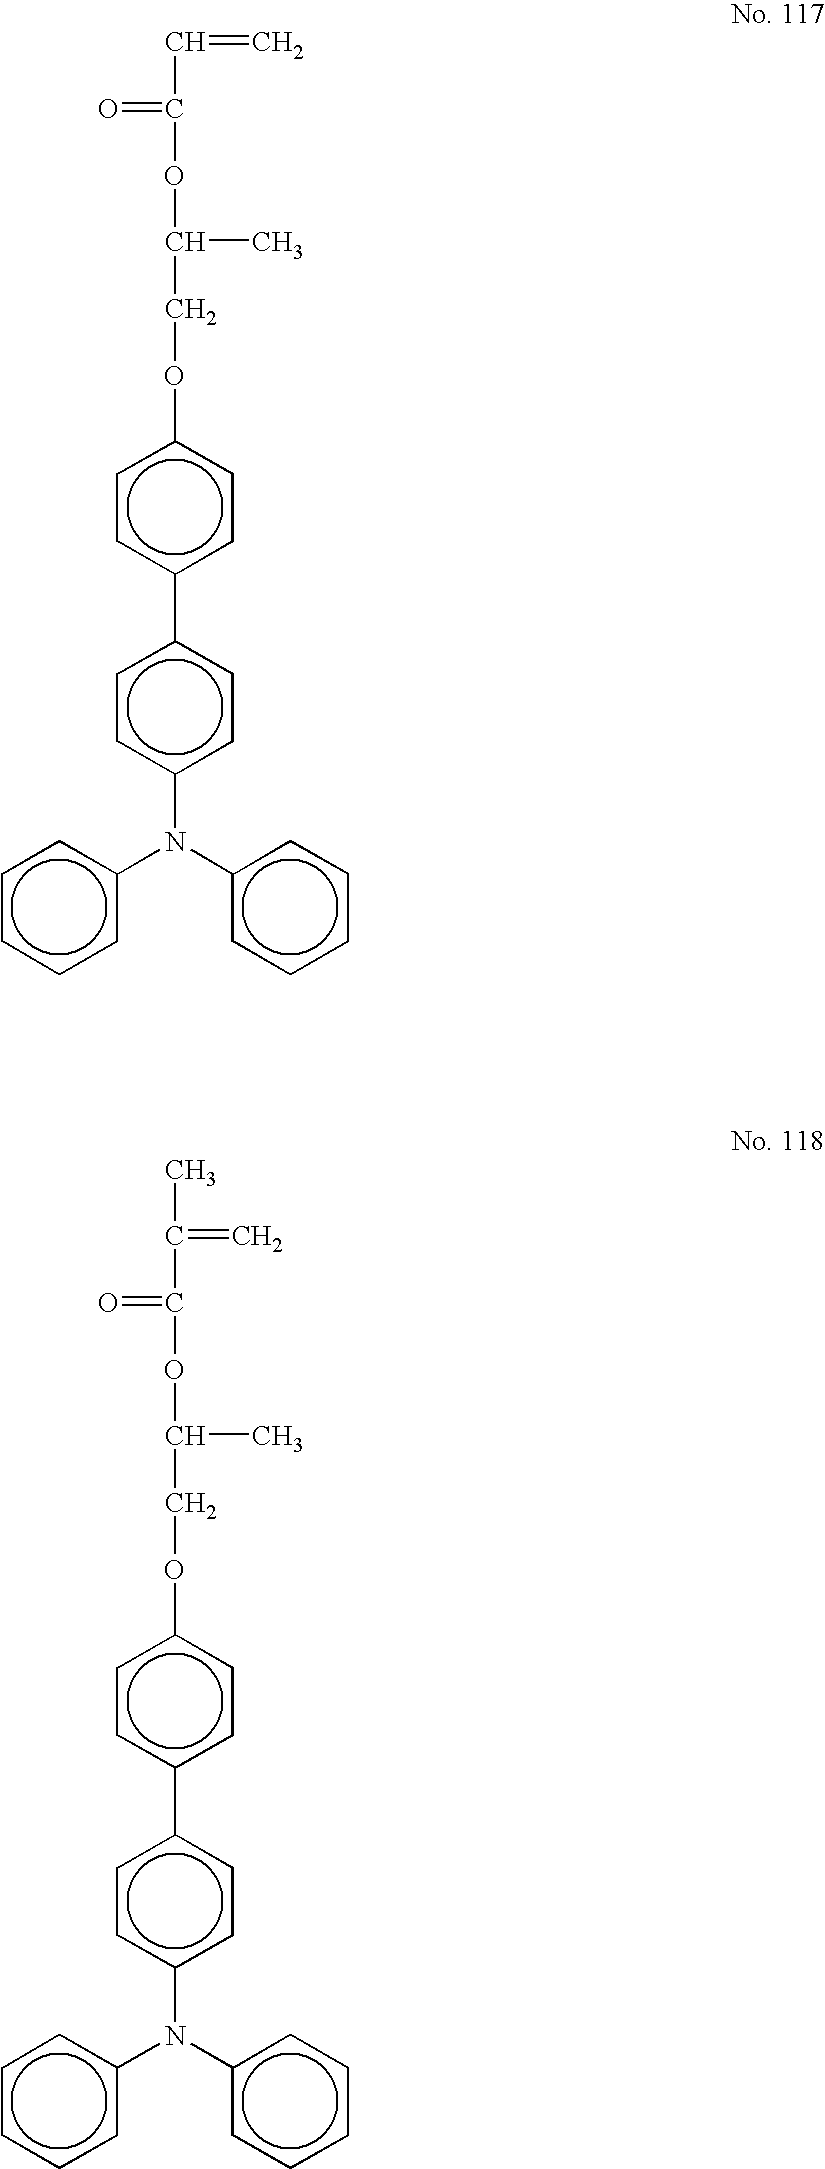 Figure US20040253527A1-20041216-C00052